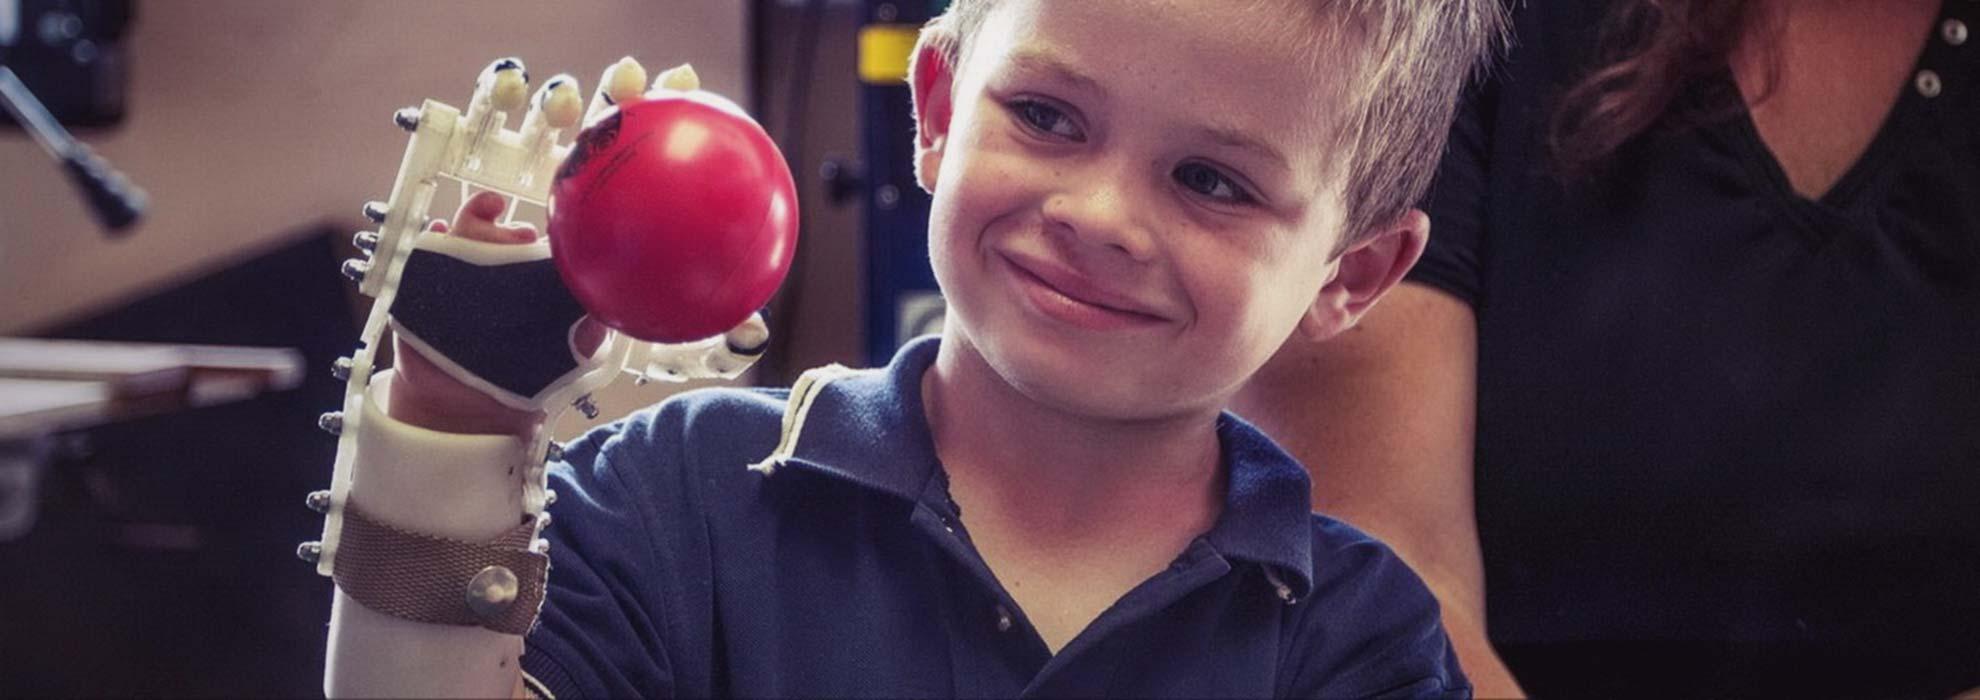 Мальчик опробует напечатанный на 3Д принтере протез